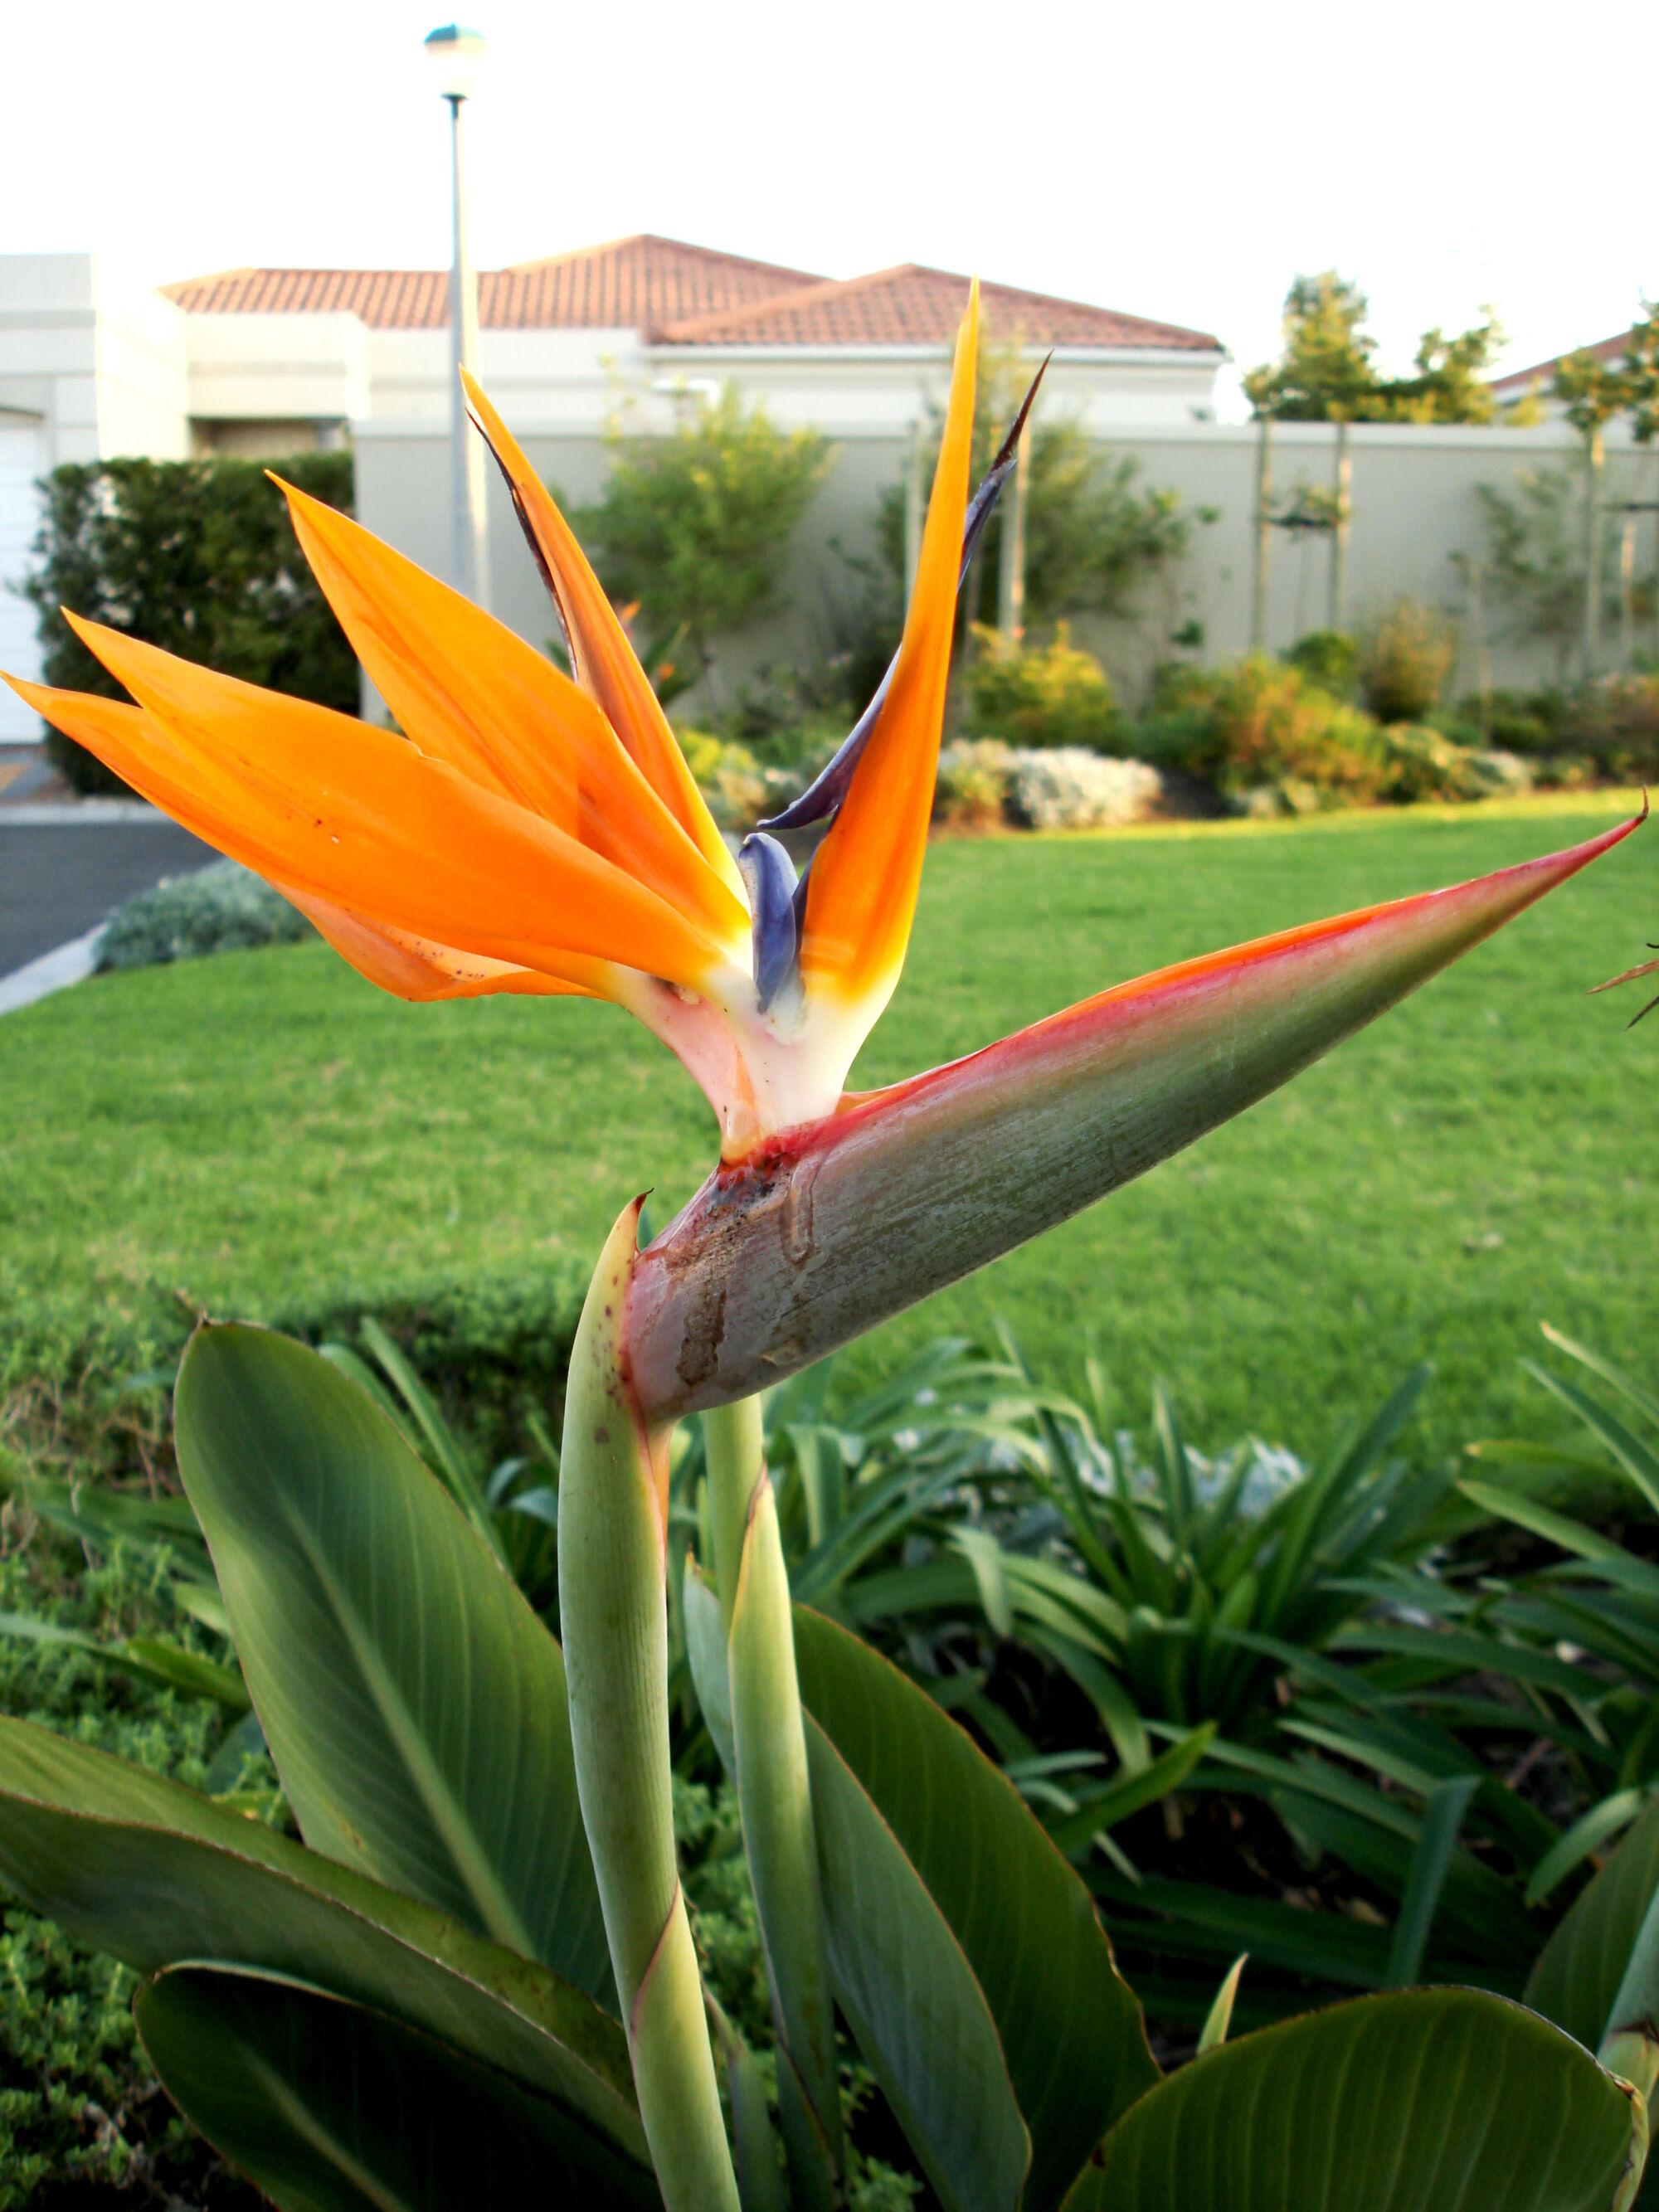 Bird of paradise flower symbolism wiki fandom powered by wikia buycottarizona